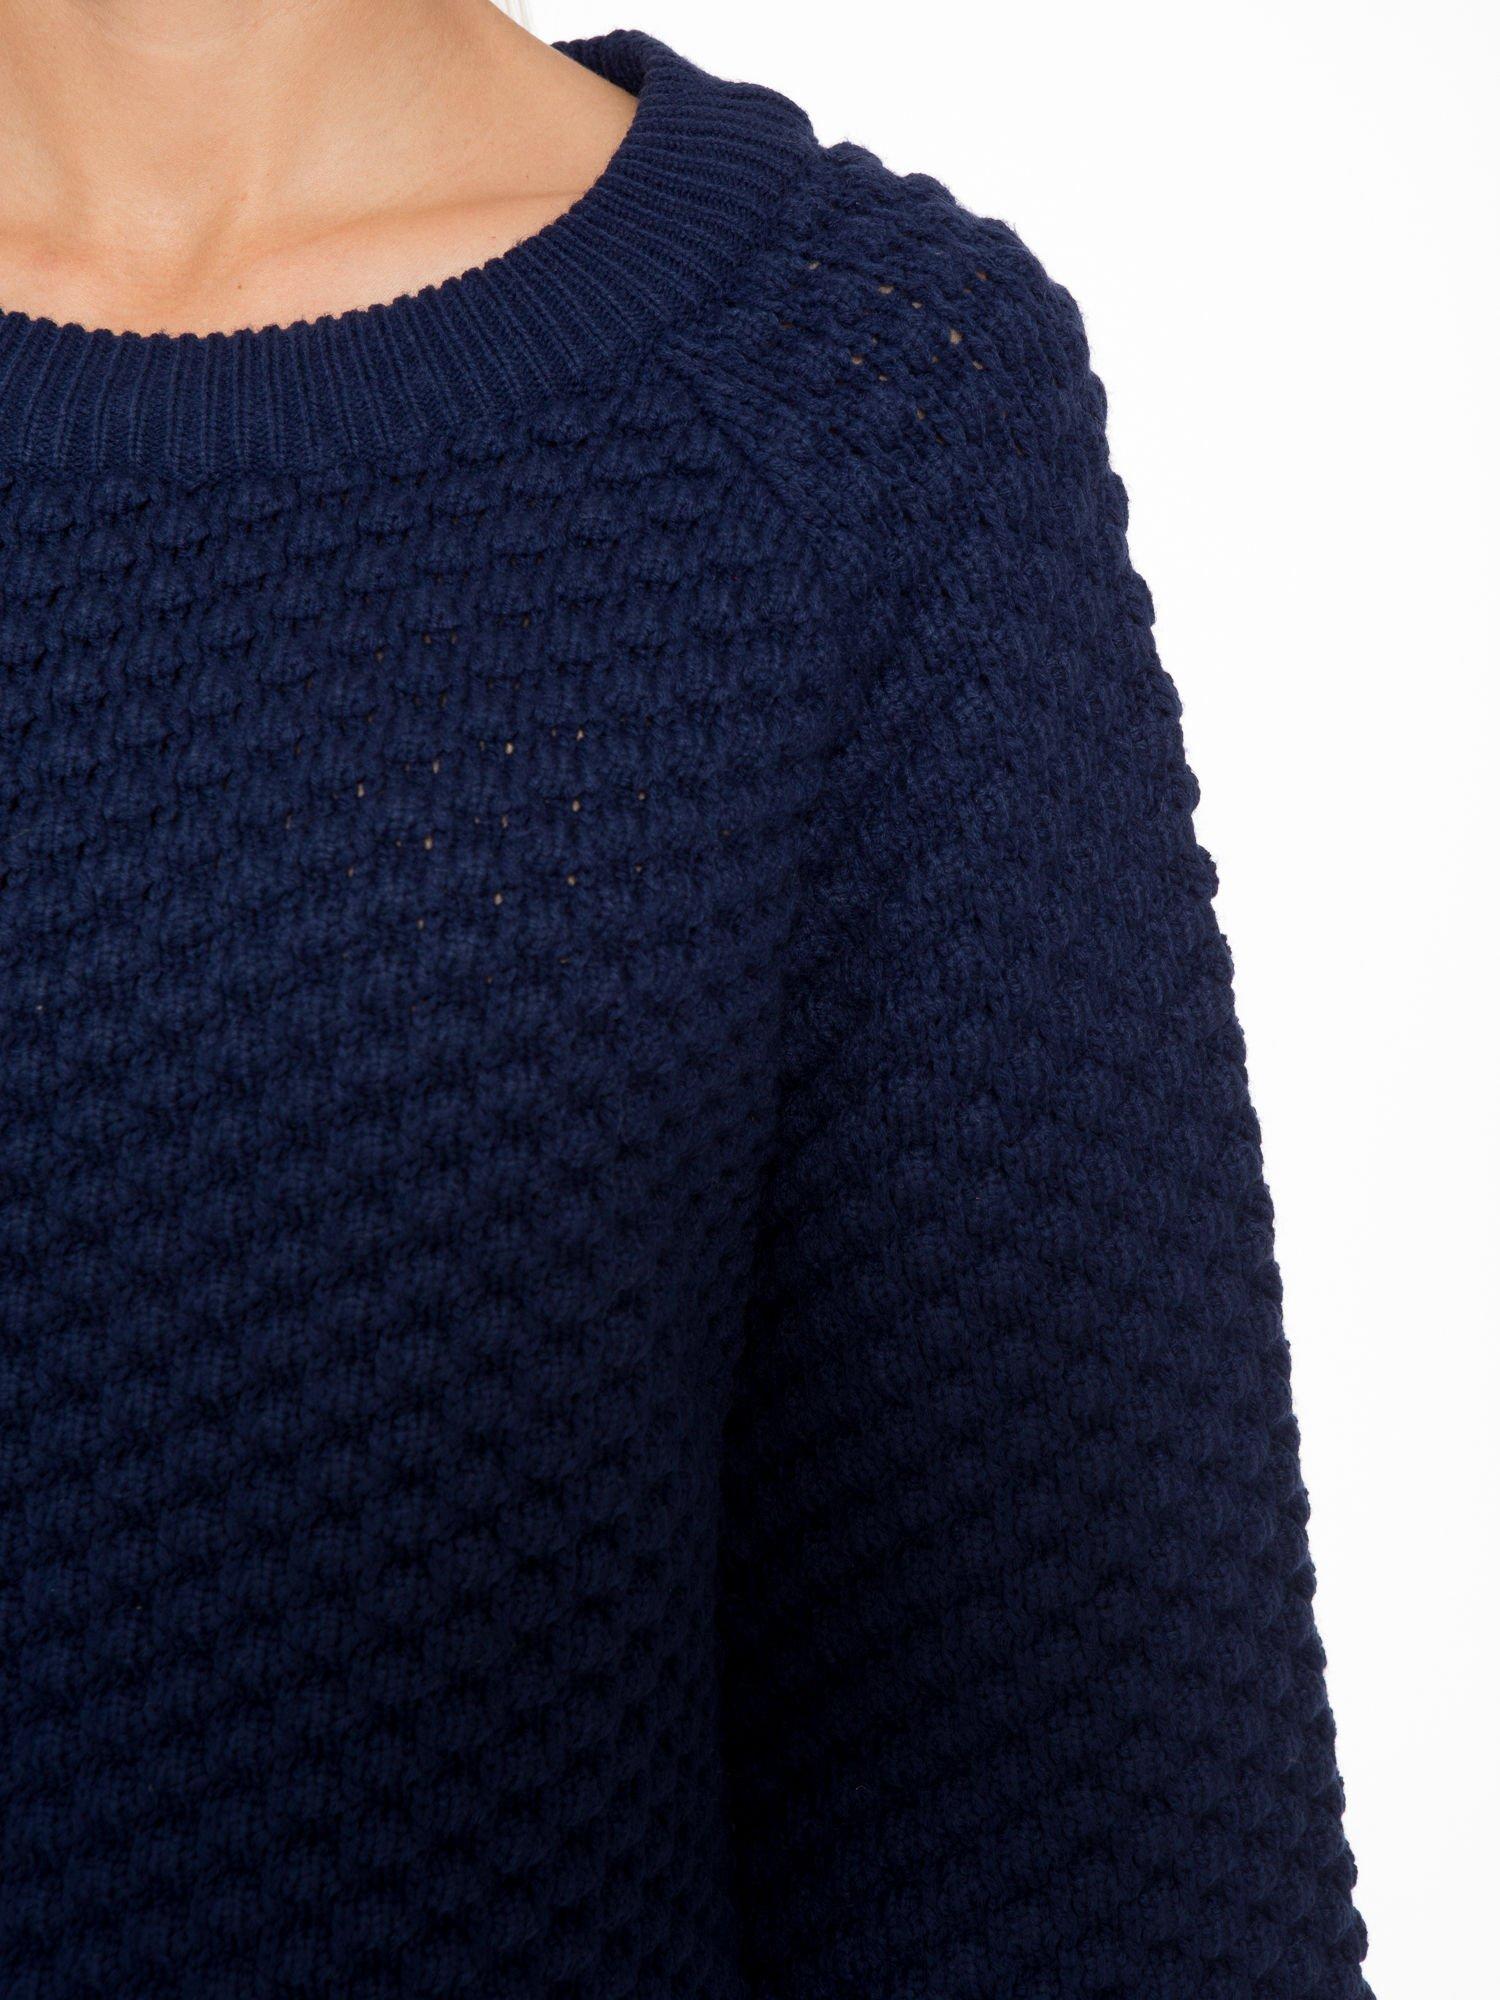 Granatowy sweter o bąbelkowej fakturze                                  zdj.                                  5